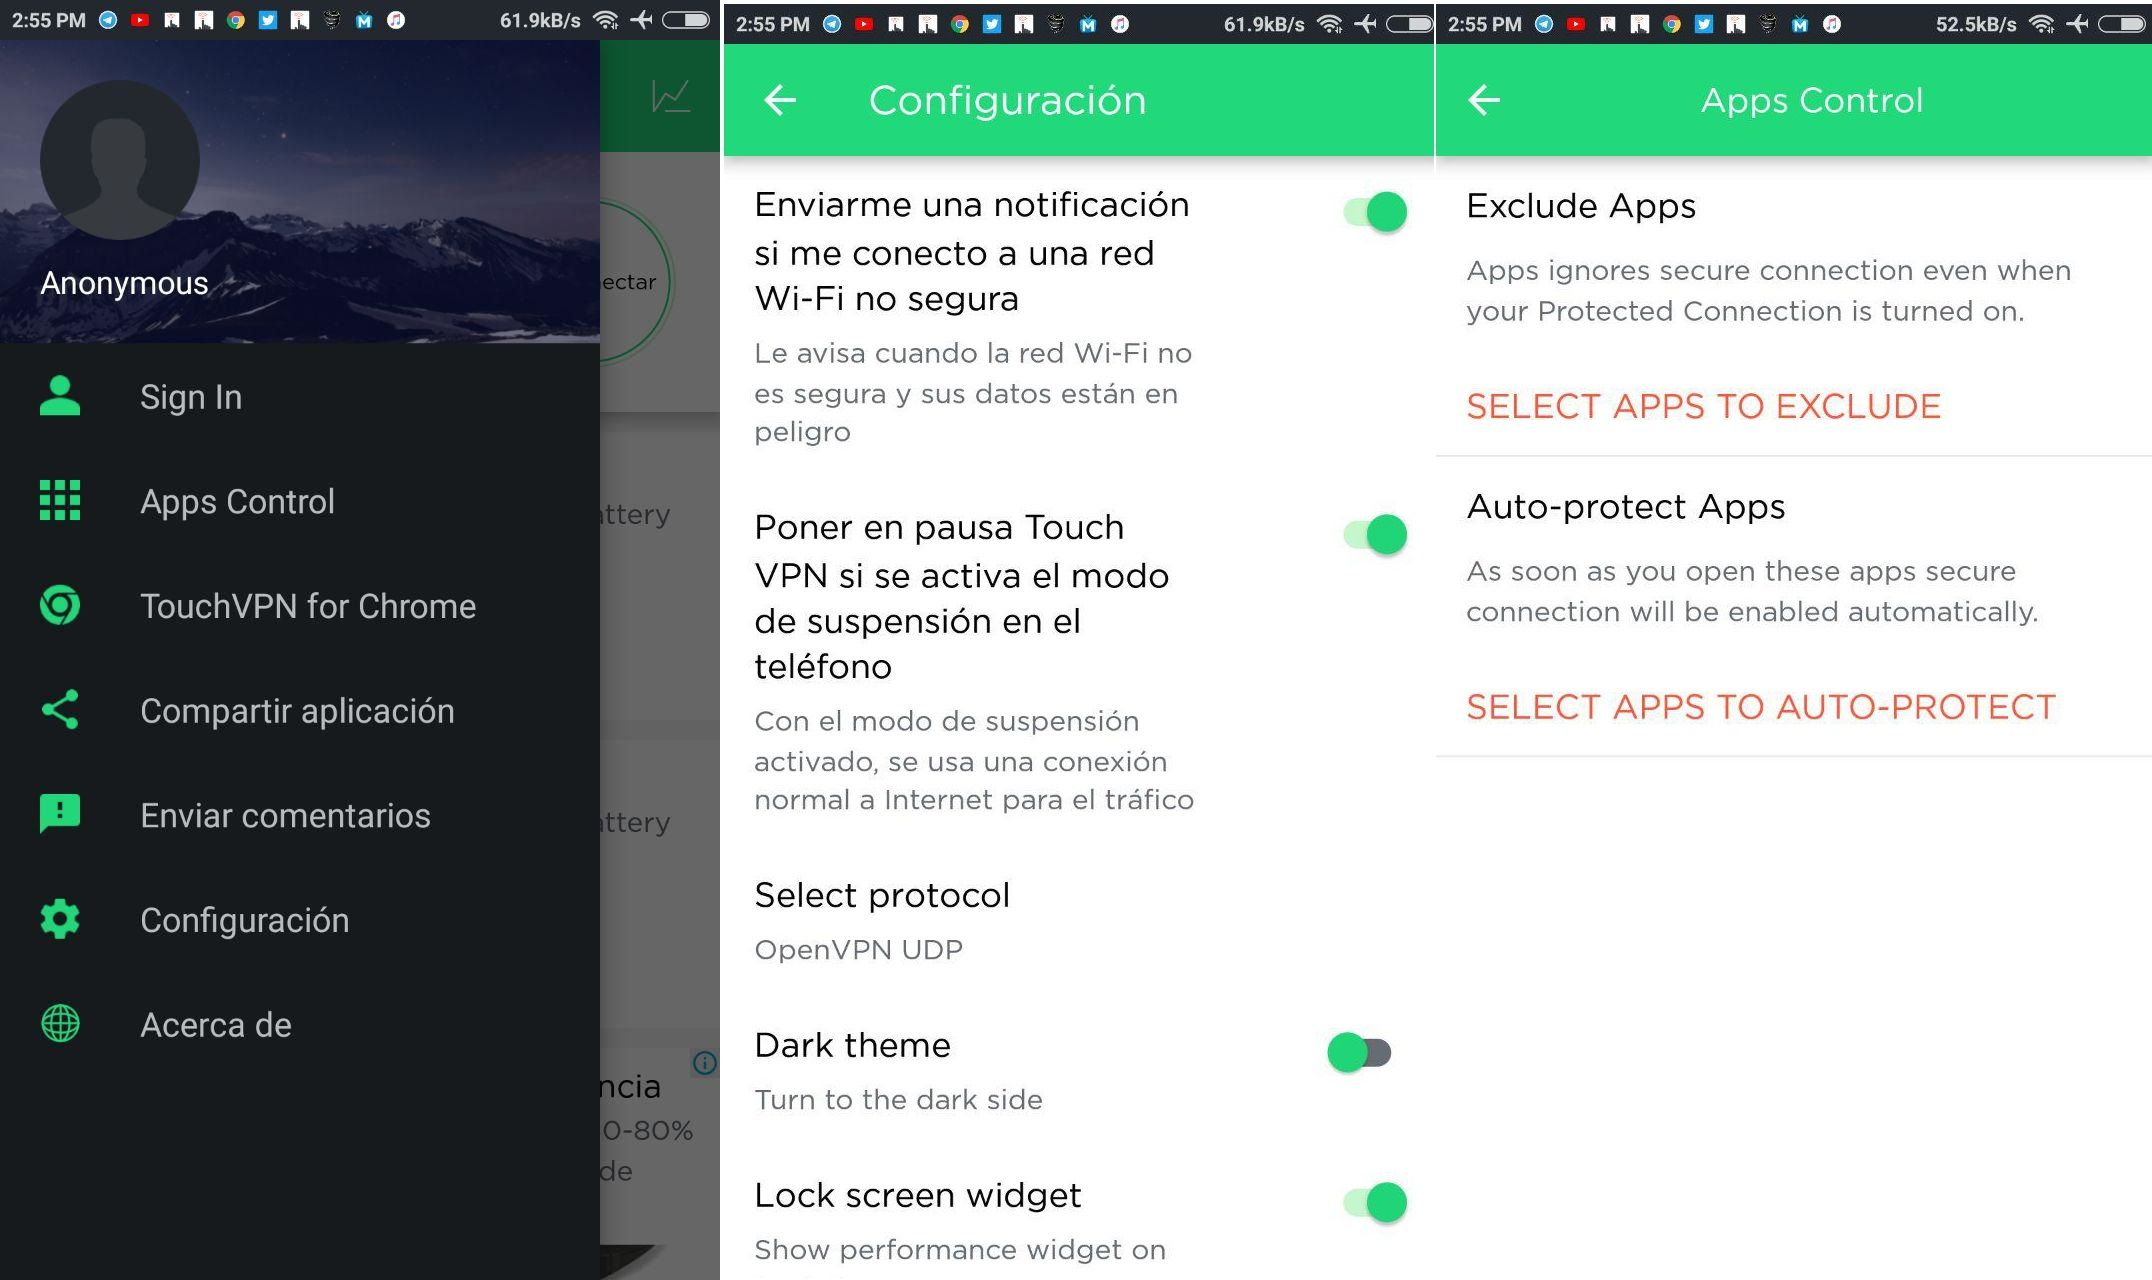 descagar y configurar touch vpn apk gratis vip premium